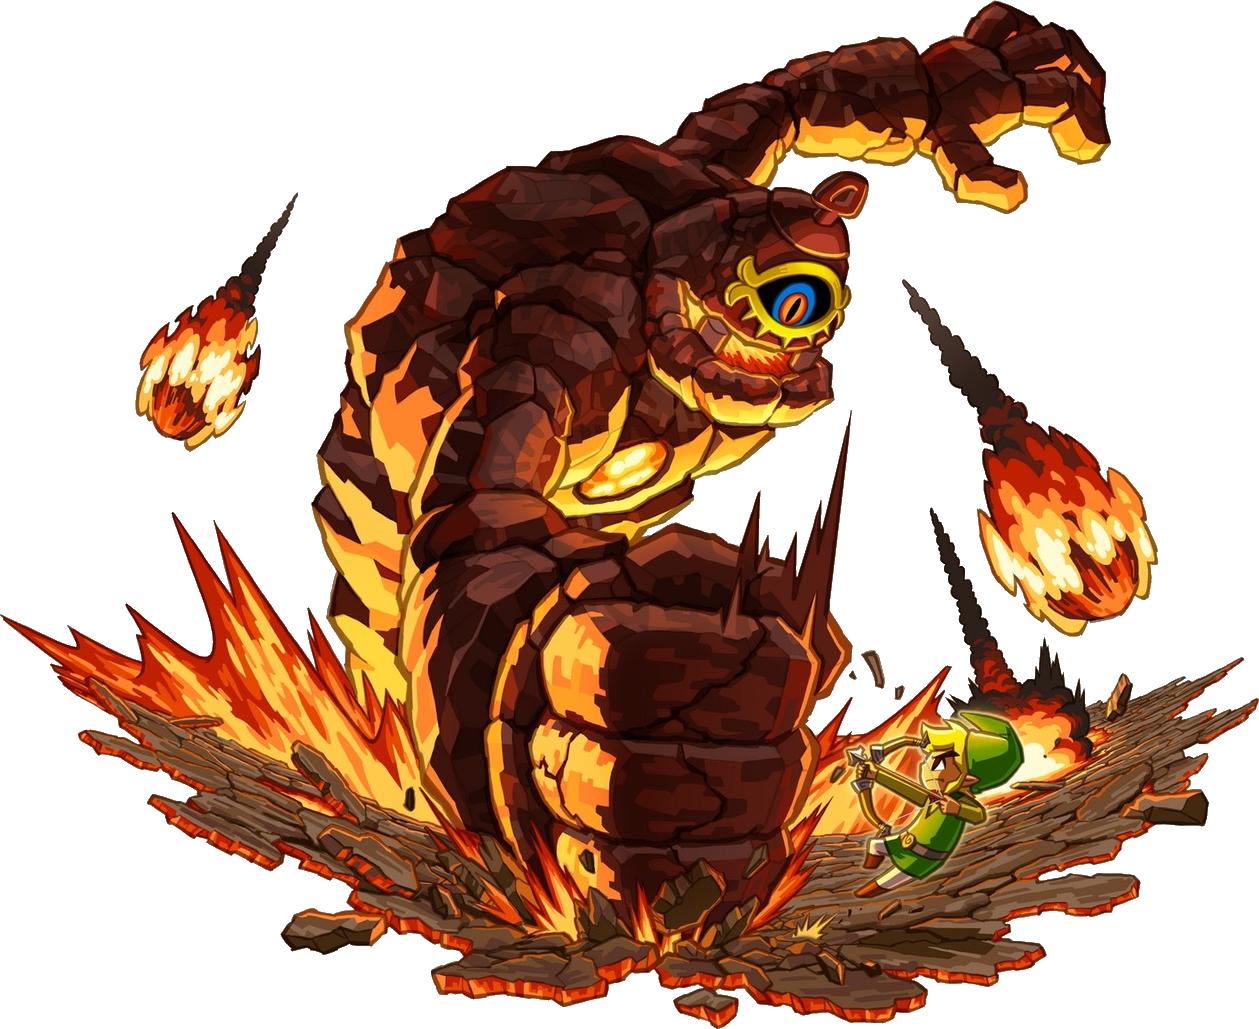 Cragma Zeldapedia Fandom Powered By Wikia